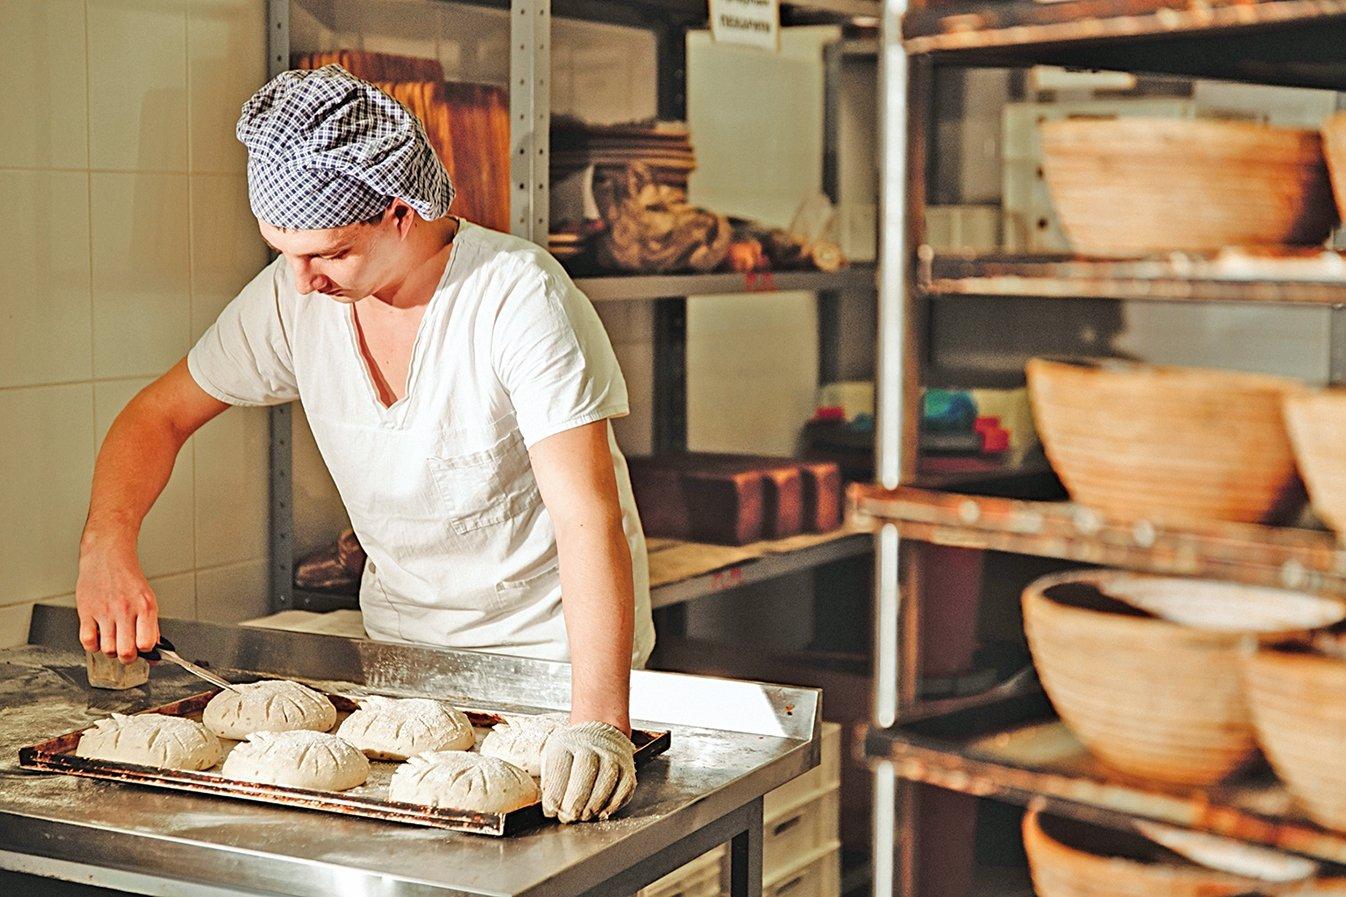 麵包師傅正在幫麵包做出割紋。